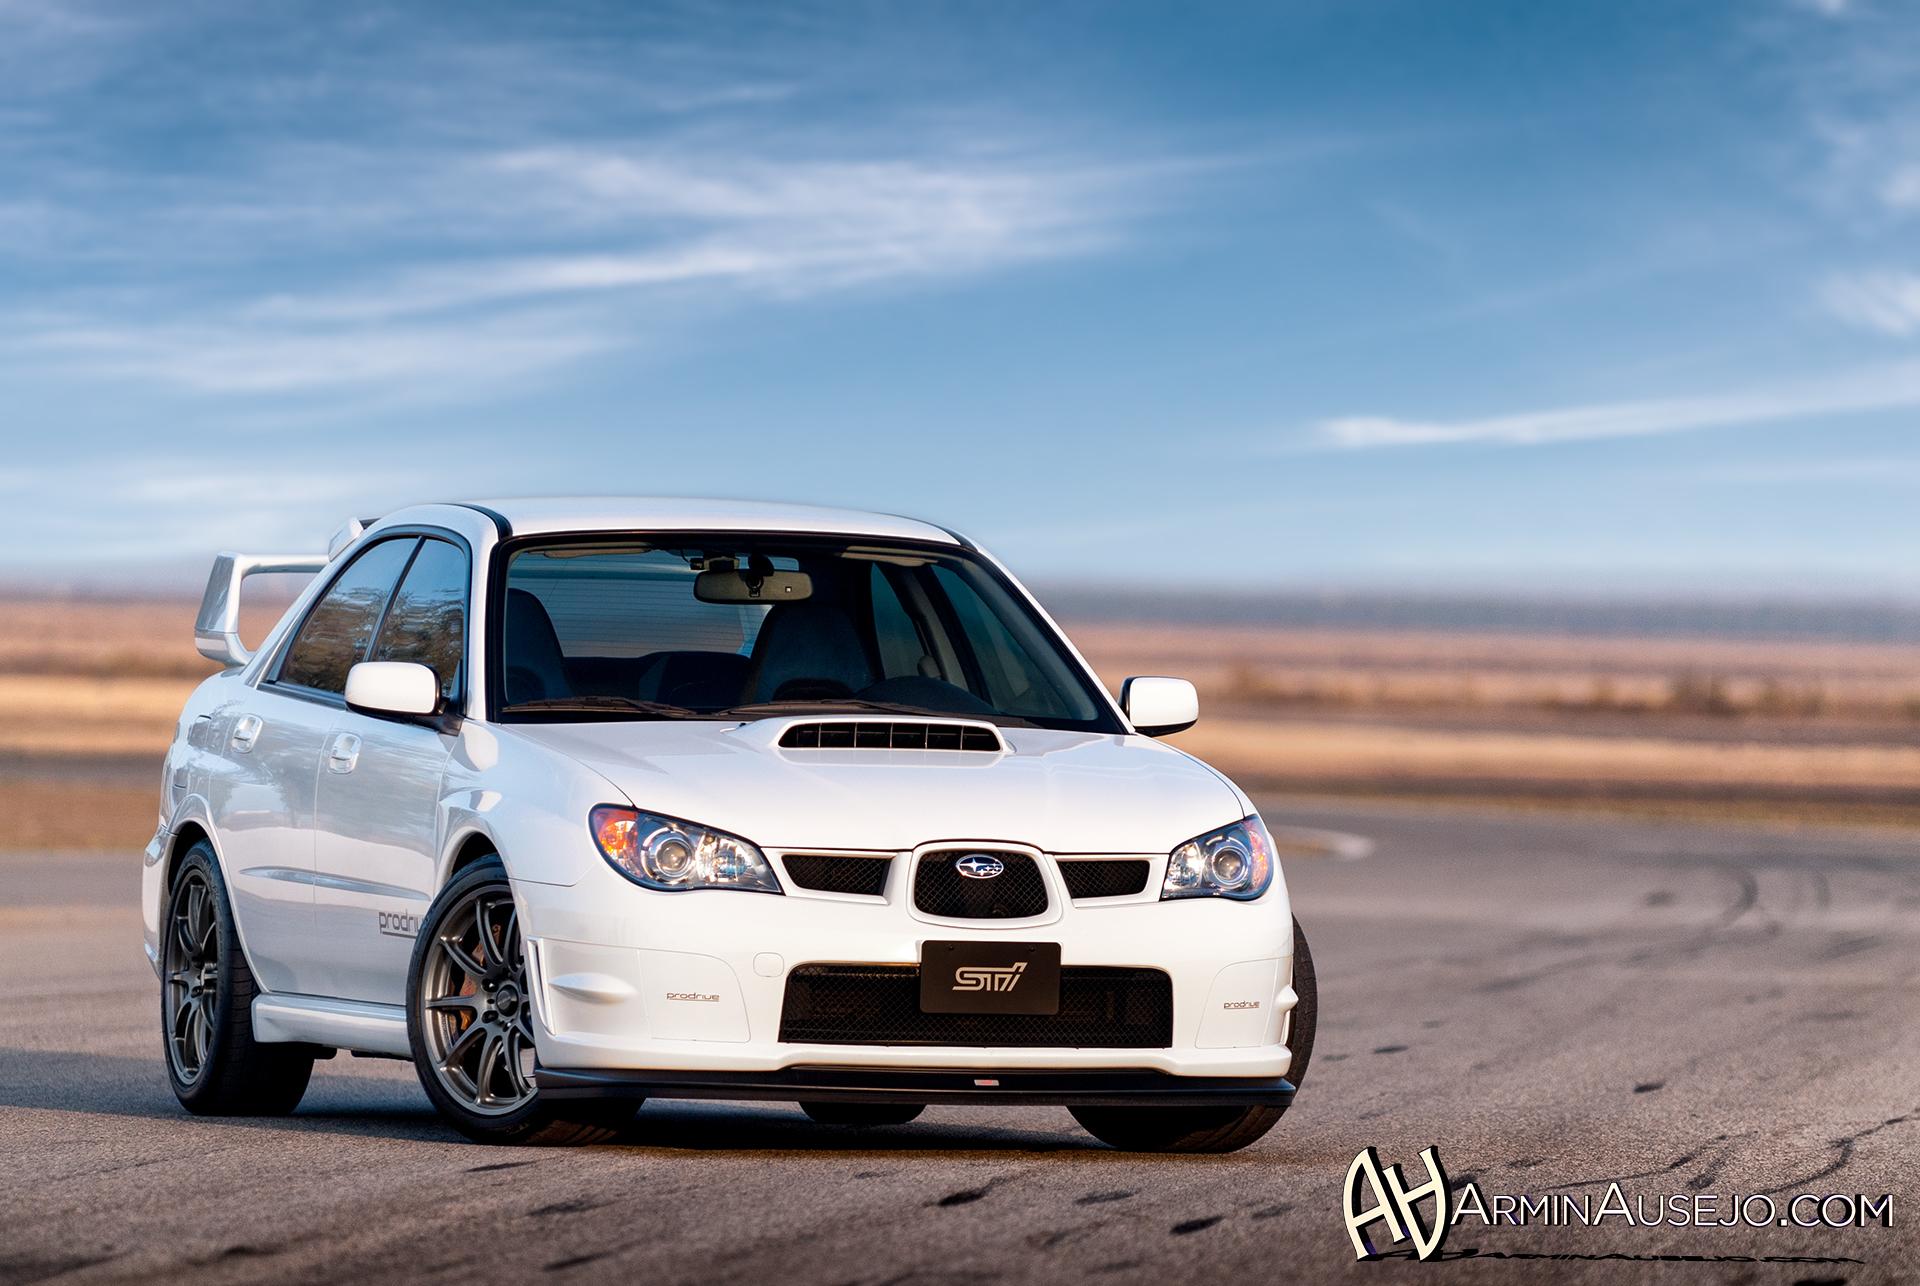 A Celebration of Subaru Photos